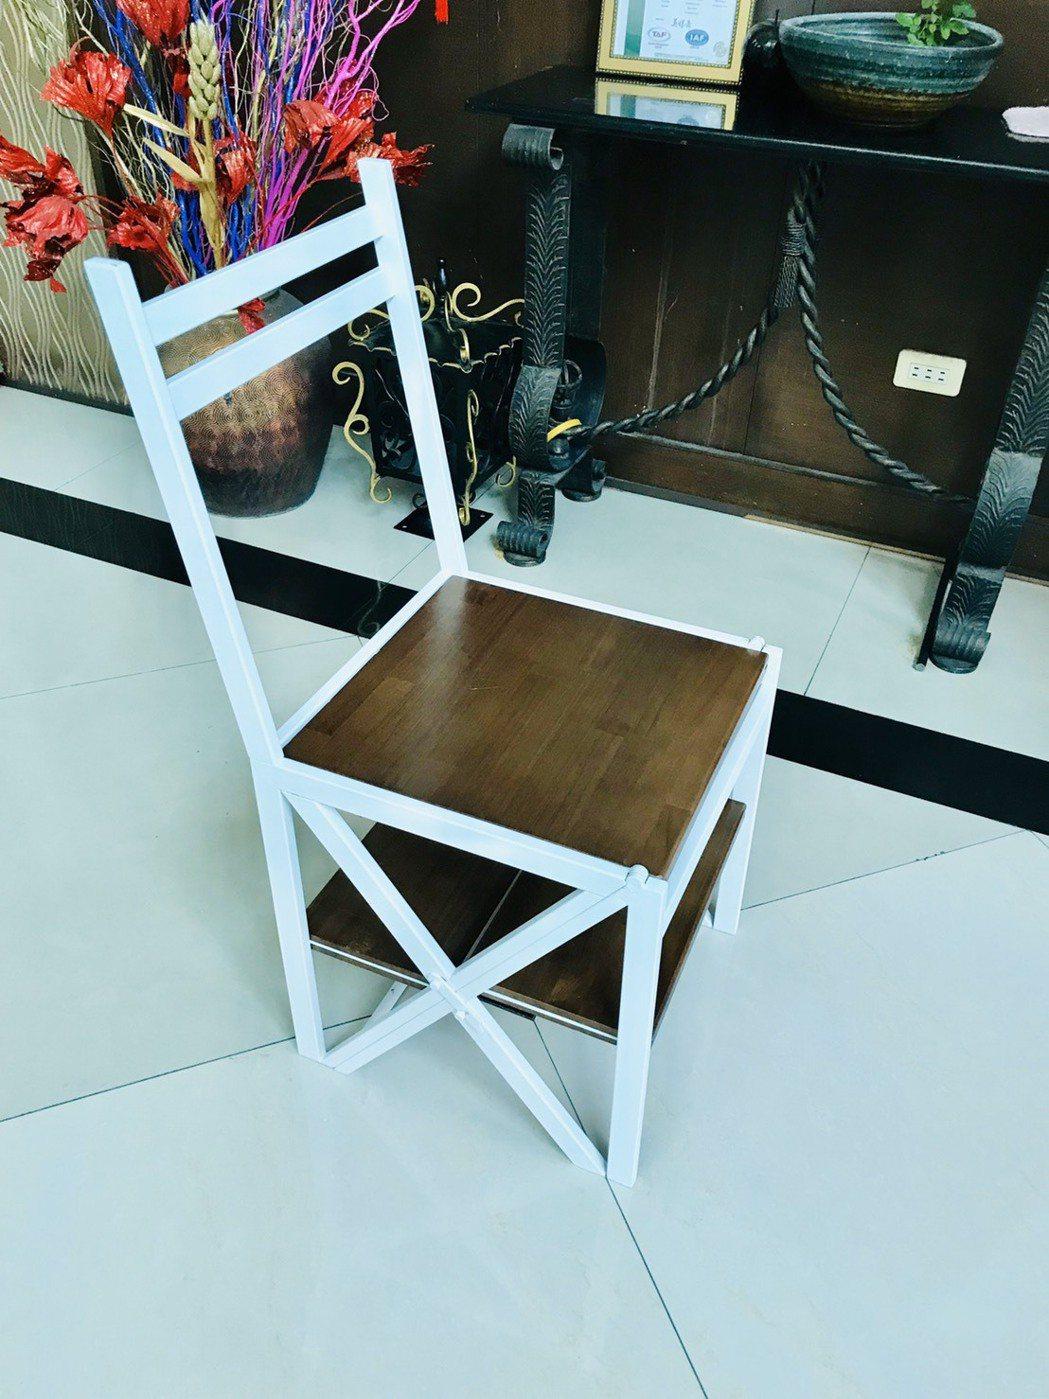 多功能梯椅平時可做為庭園椅、餐桌椅之用。 喬堡/提供